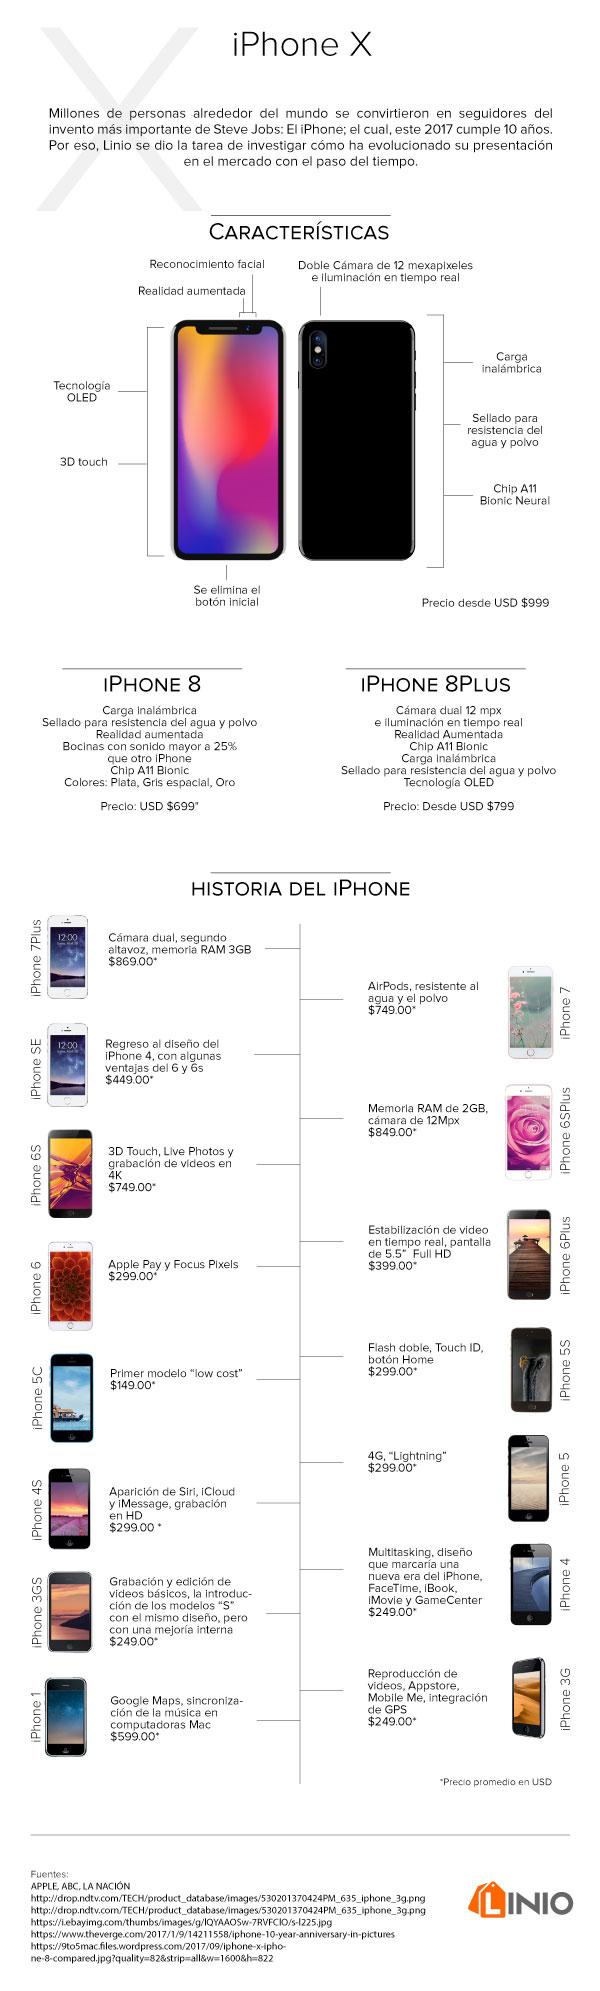 La Evolución del iPhone - iphonex_infografia_completa